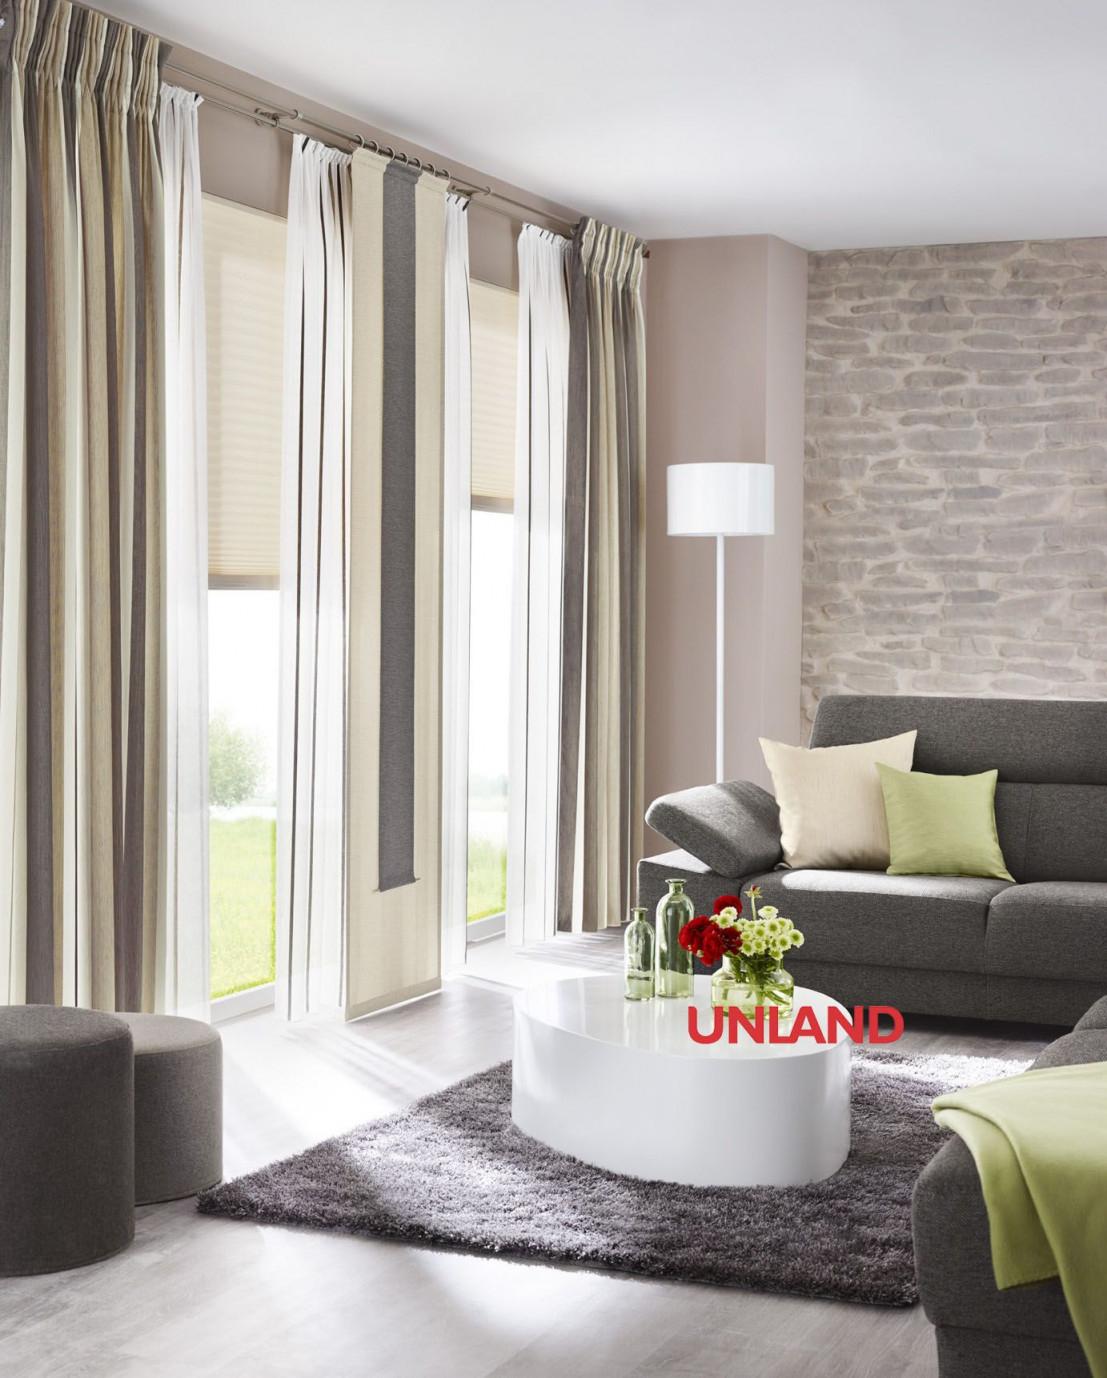 Unland Livingreet Fensterideen Gardinen Und Sonnenschutz von Gardinen Wohnzimmer Roller Bild